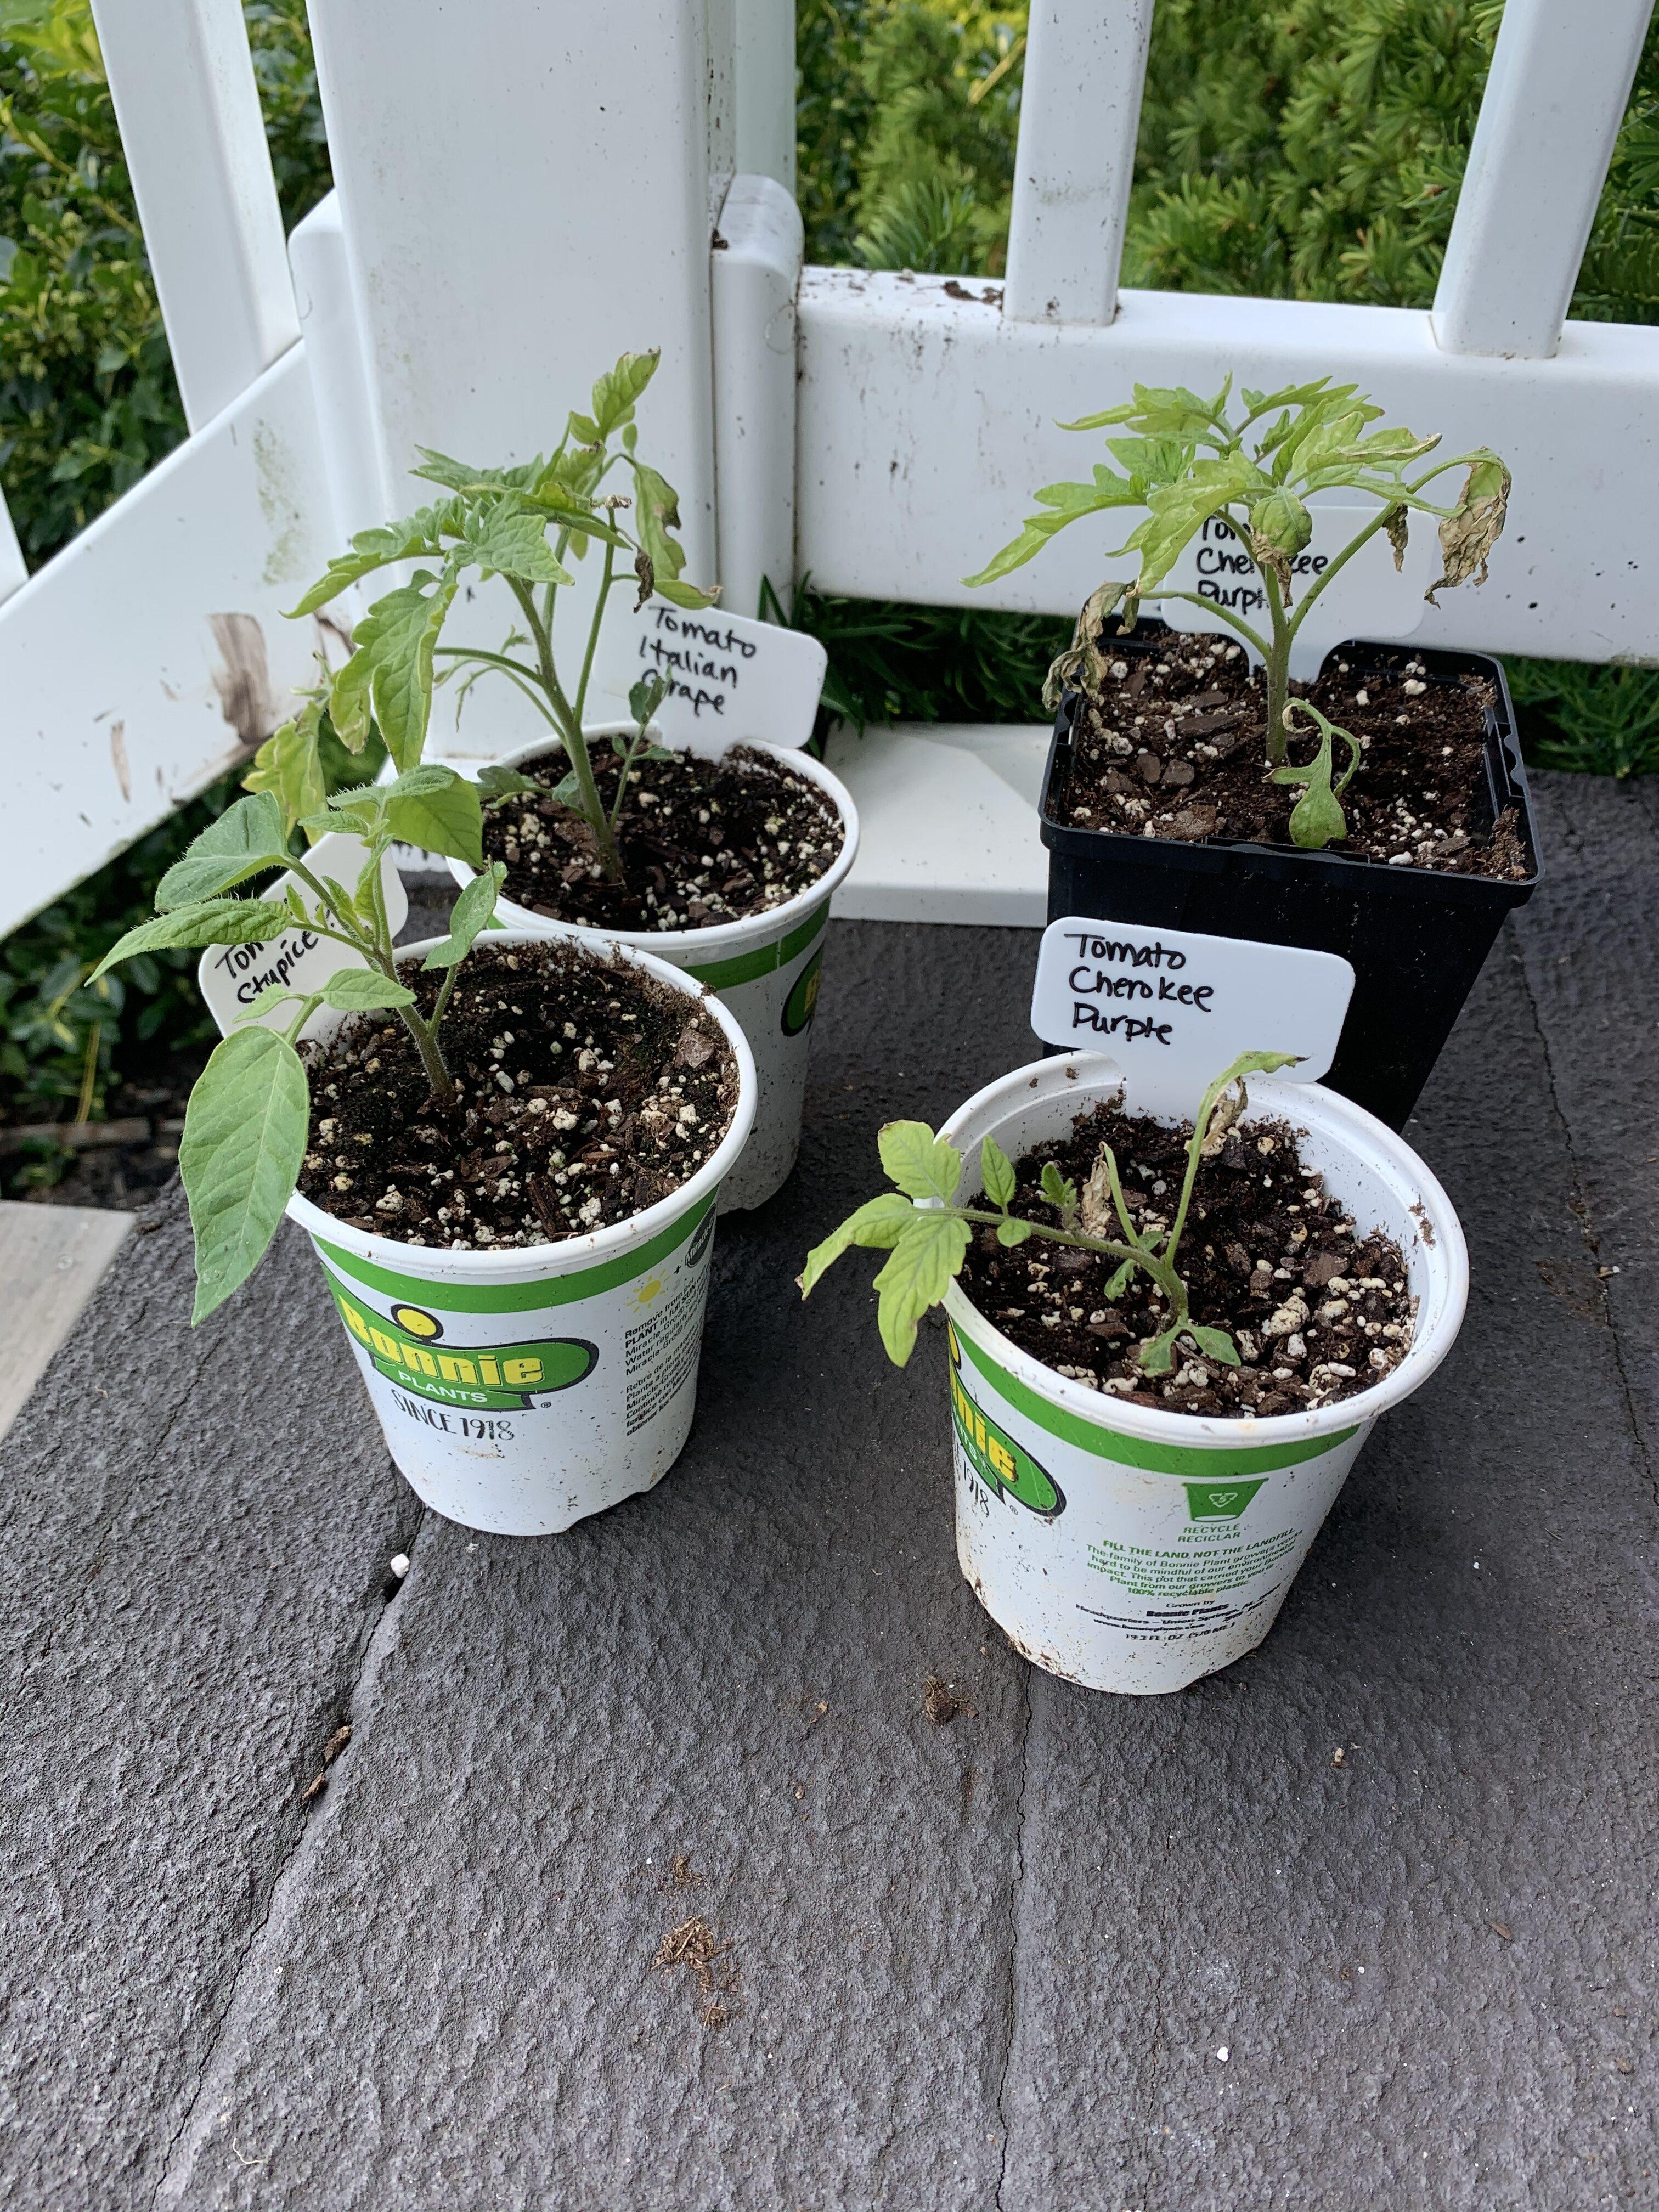 94DE1B58 6997 40E9 8221 8EA918199A8A Cucumbers planted!